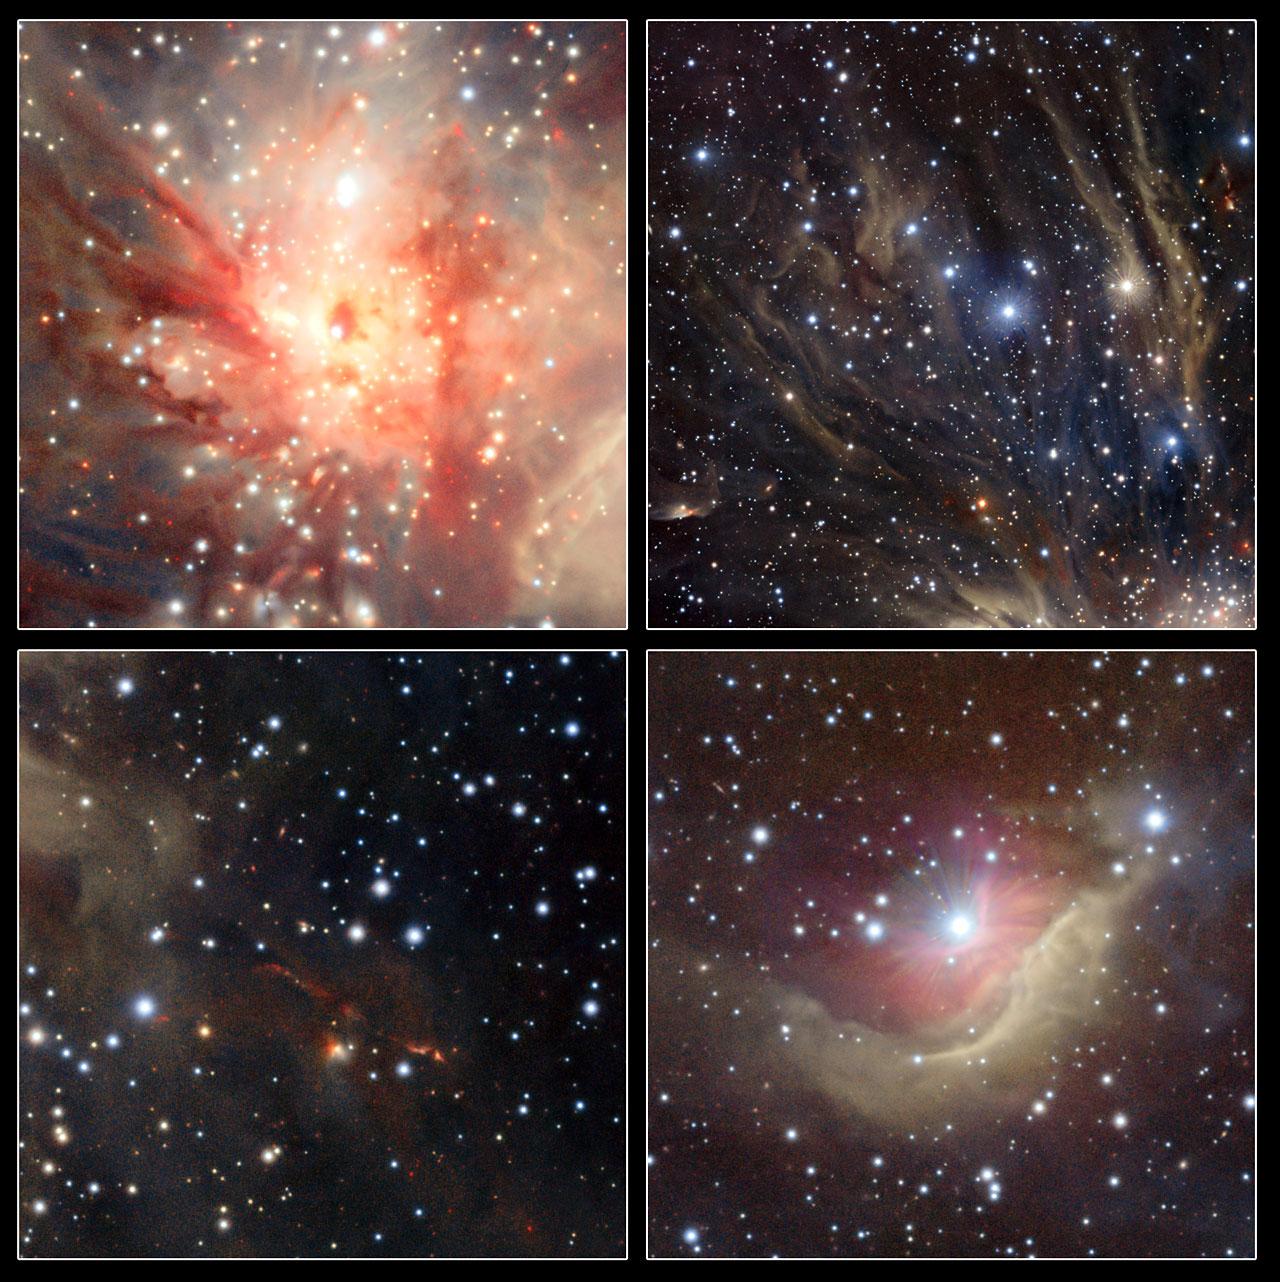 Este painel mostra detalhes da região de formação estelar Monoceros R2 capturados pelo VISTA. Créditos: ESO/J. Emerson/VISTA/Cambridge Astronomical Survey Unit